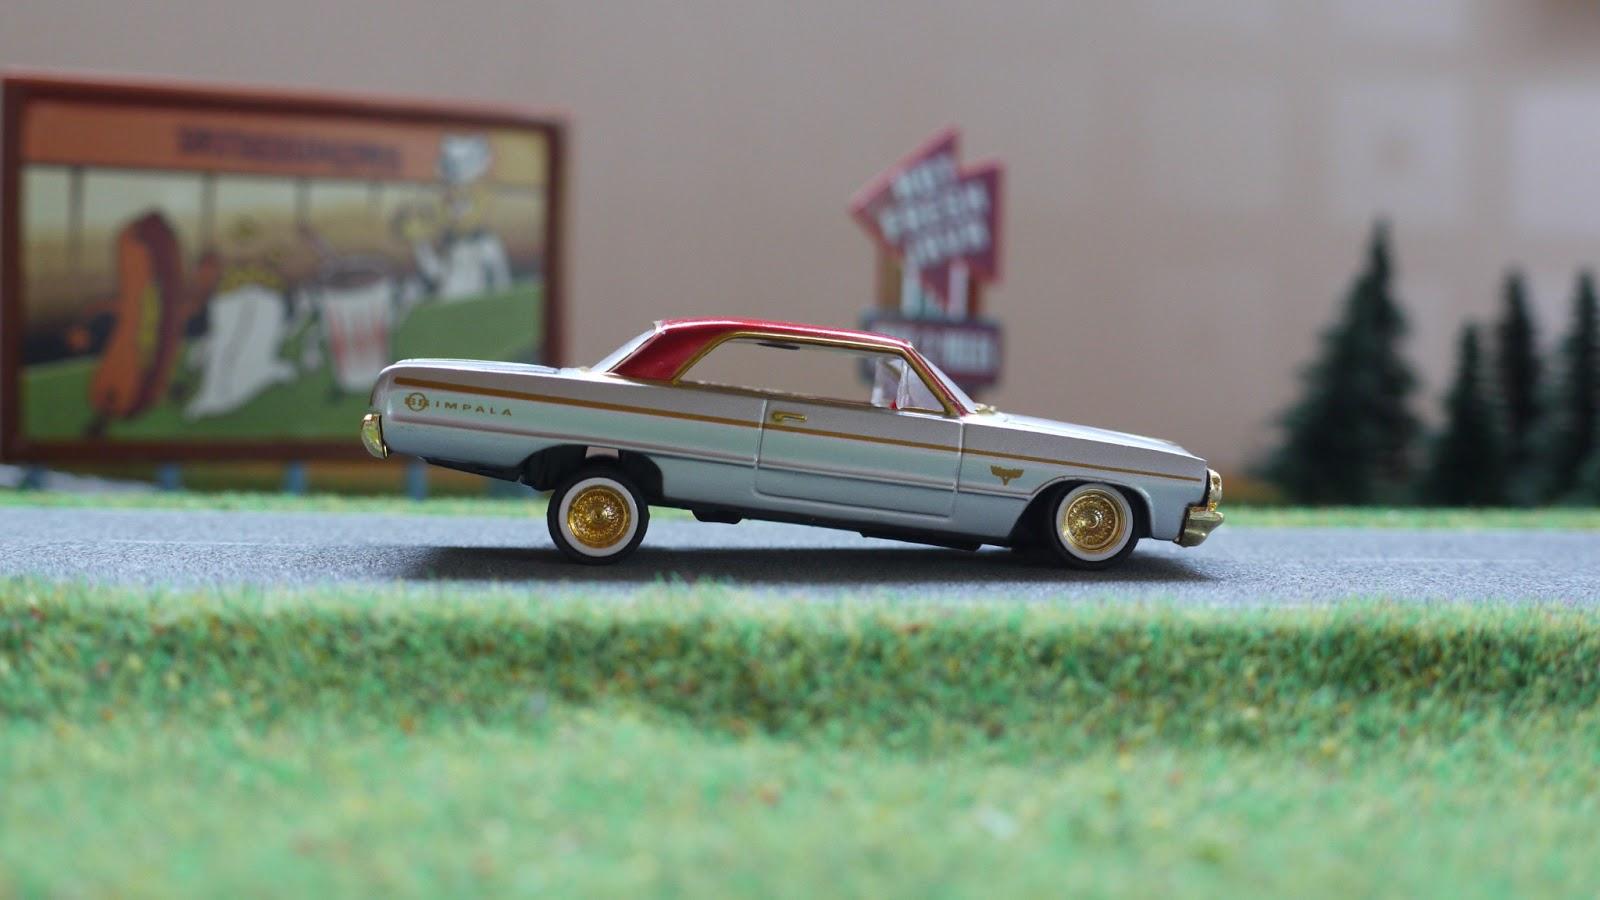 1964 chevrolet impala revell